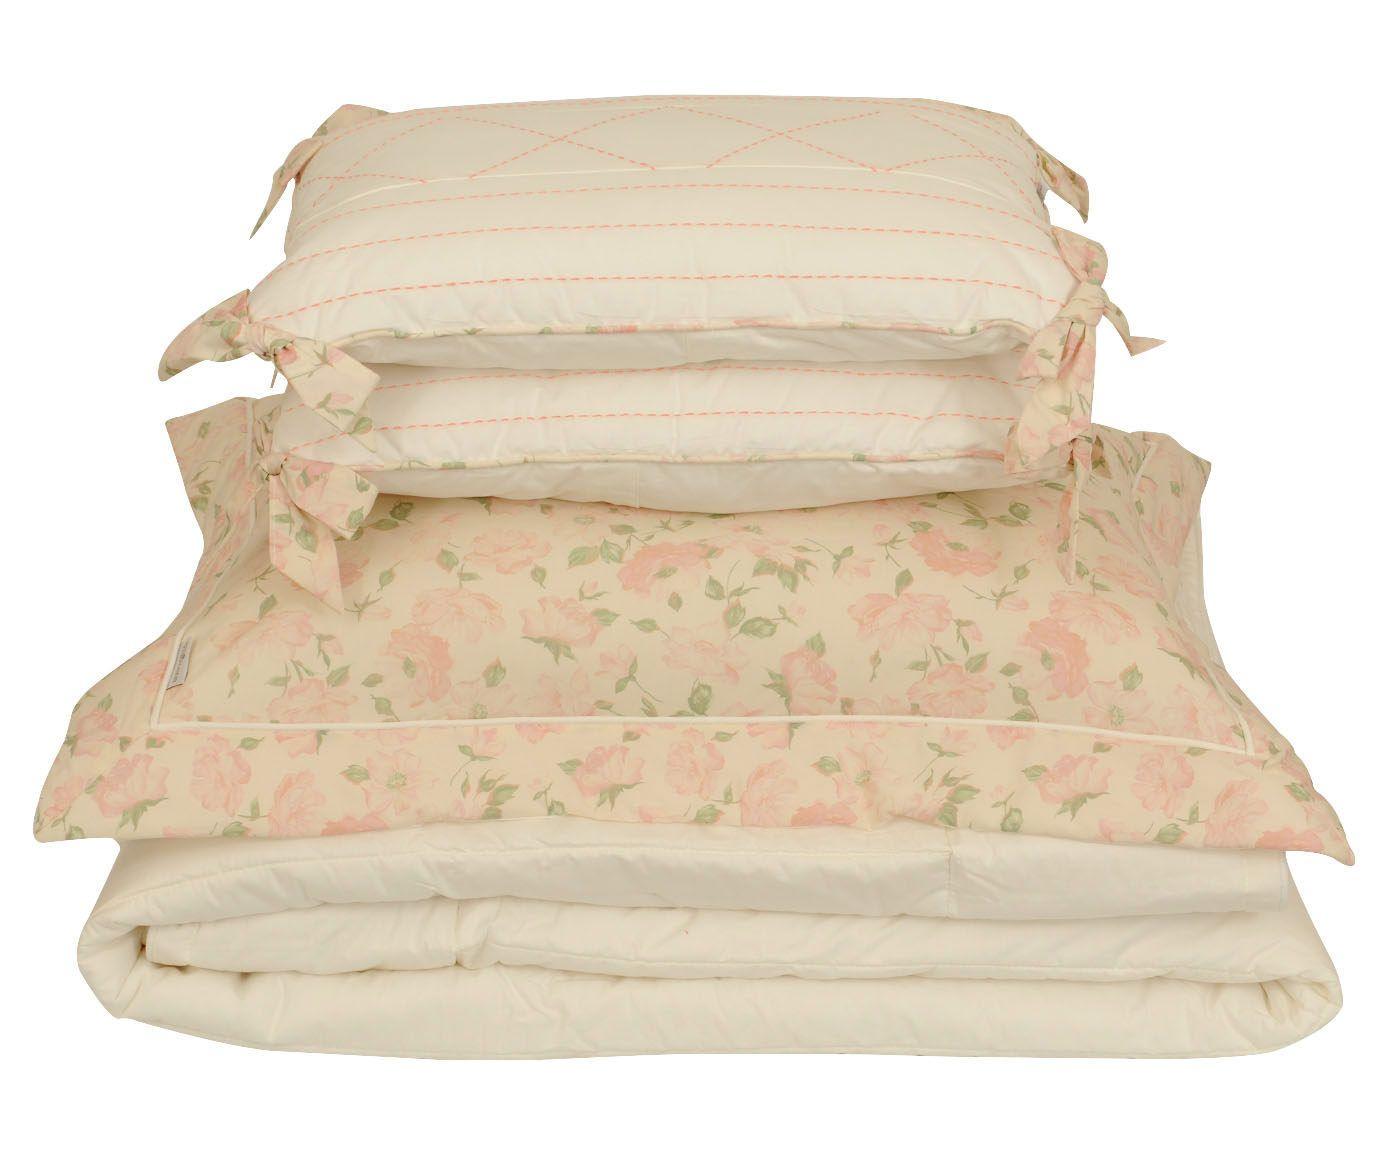 Jogo com colcha mahina para cama super king size 200 fios   Westwing.com.br